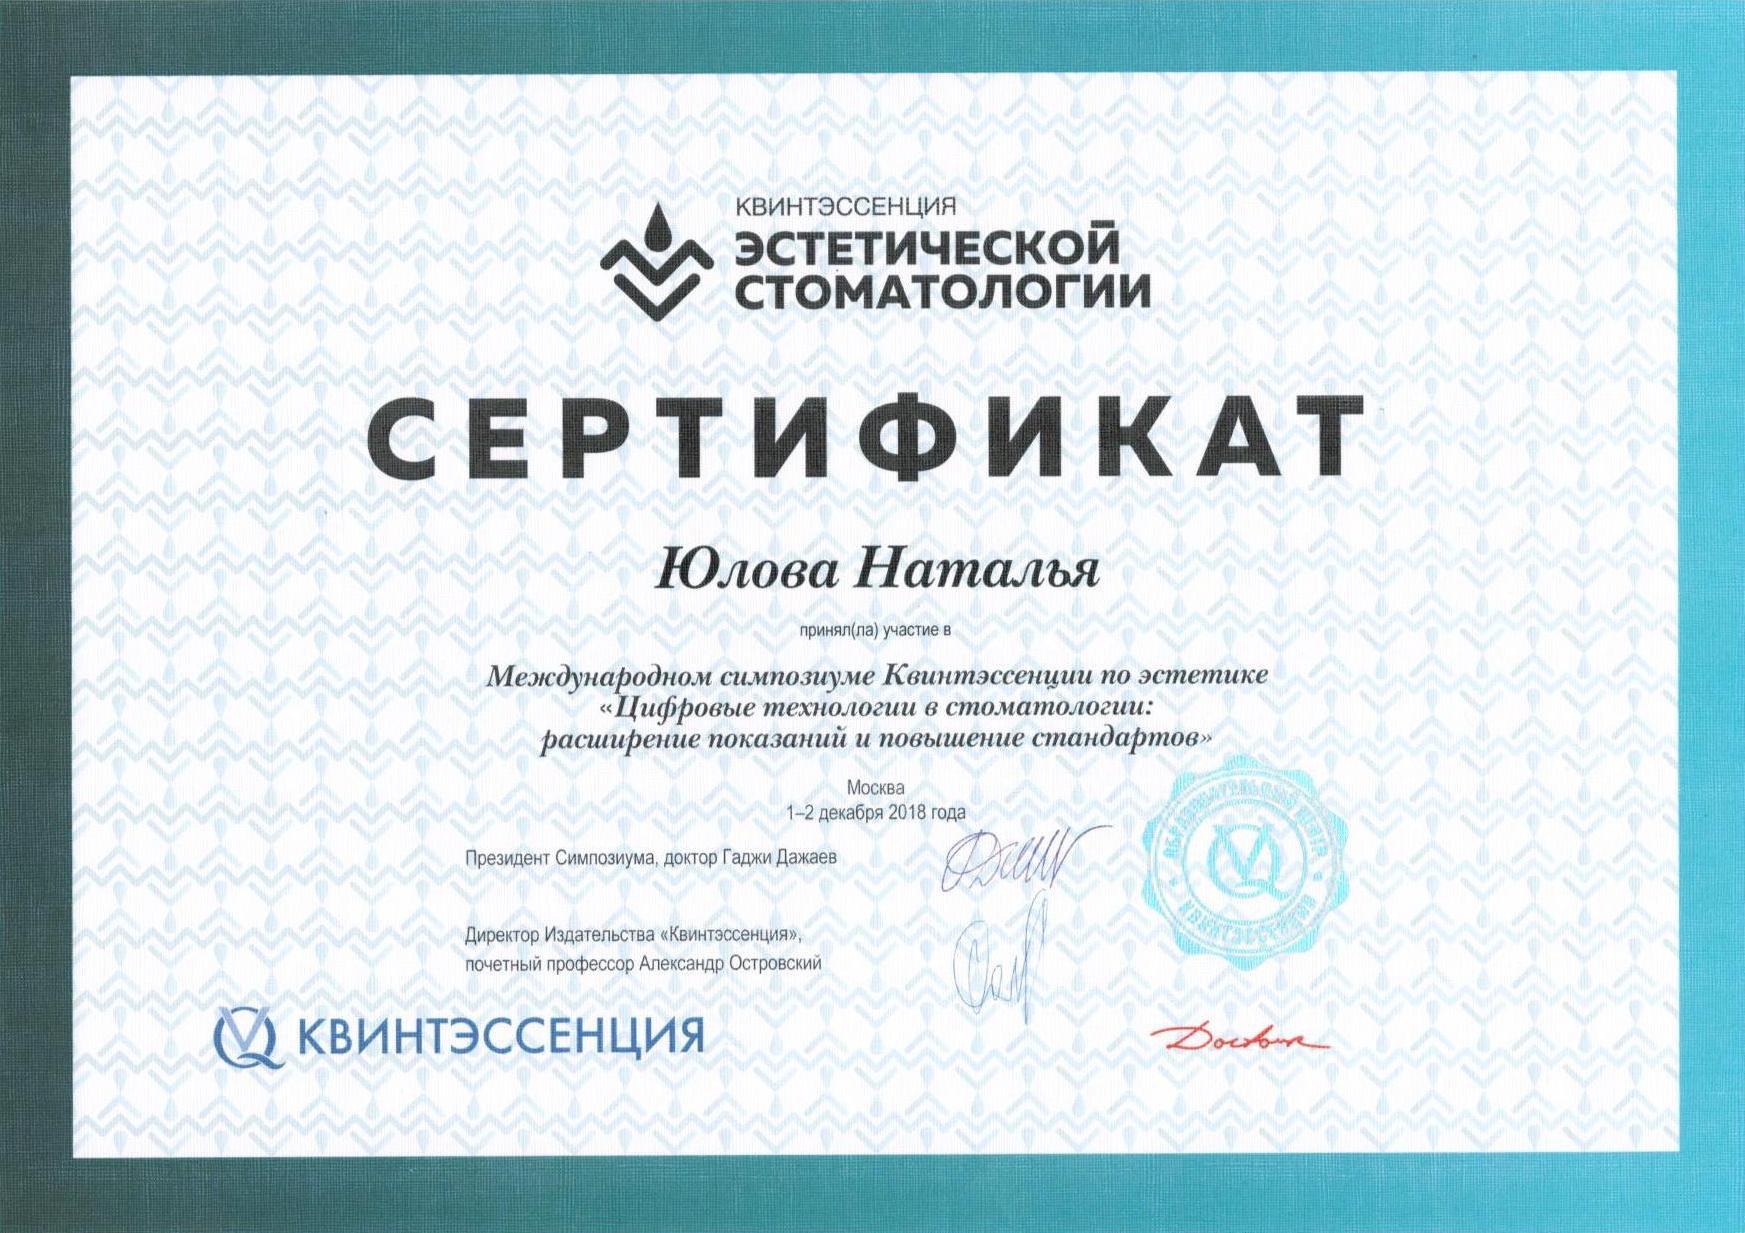 Сертификат Юловой